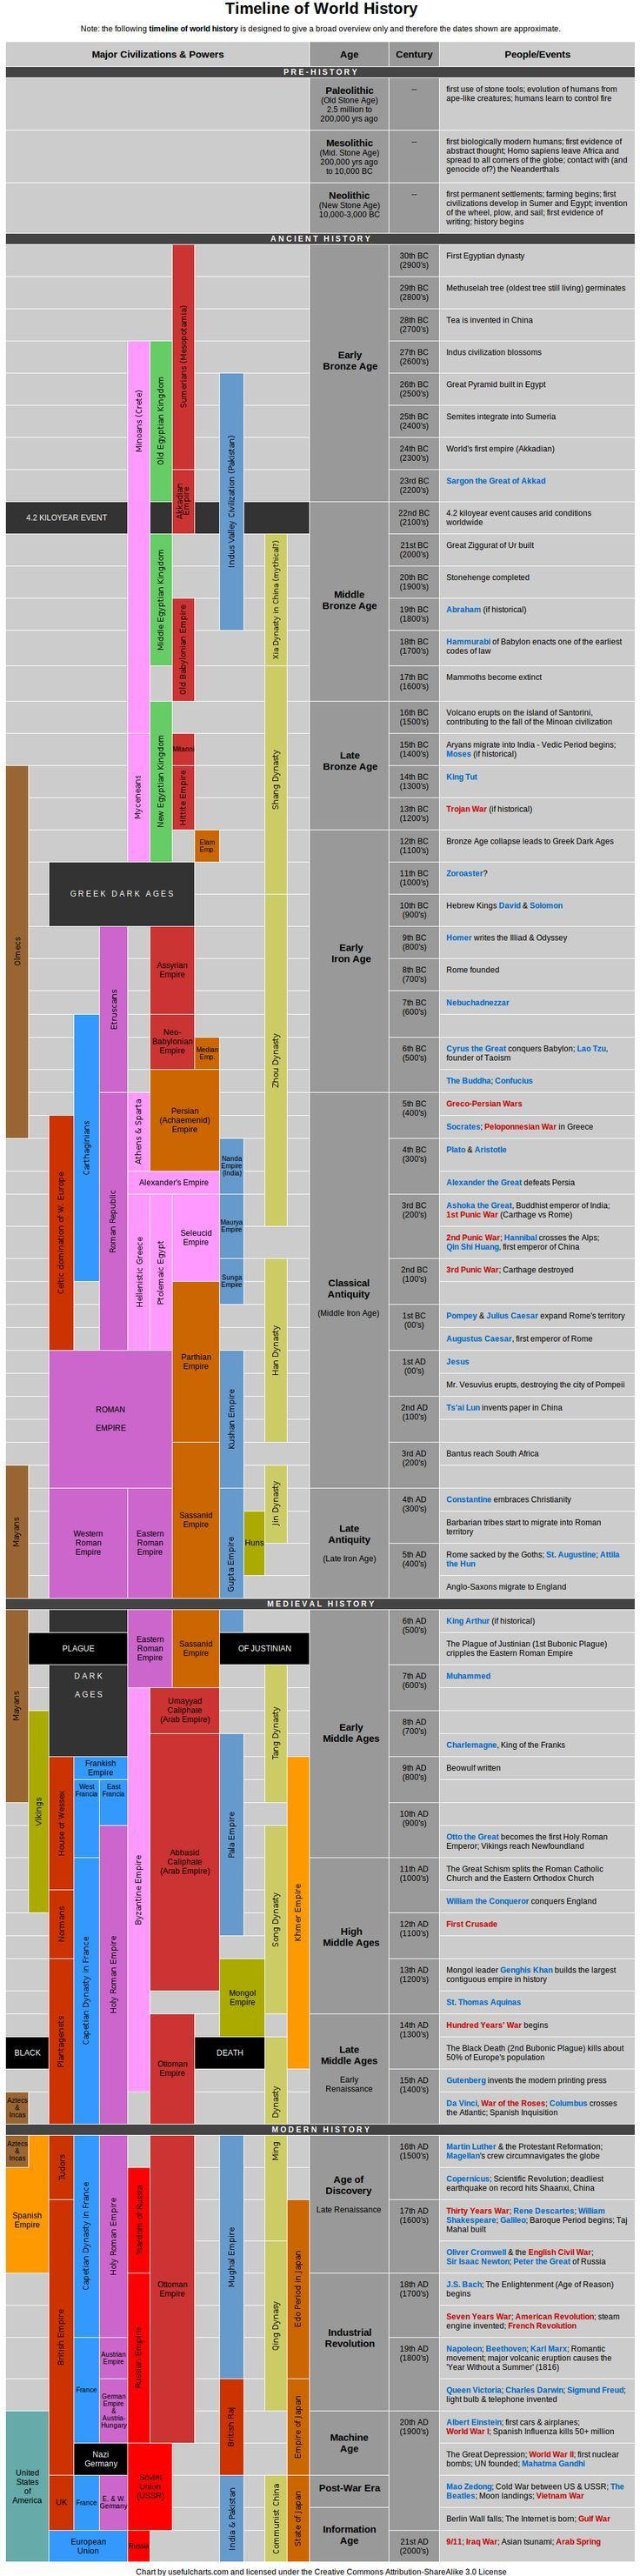 Frise Chronologique Histoire Du Monde : frise, chronologique, histoire, monde, Be3942b4442183cff4a4fa571871432b.jpg, (736×2962), Histoire, Monde,, L'art,, Chronologie